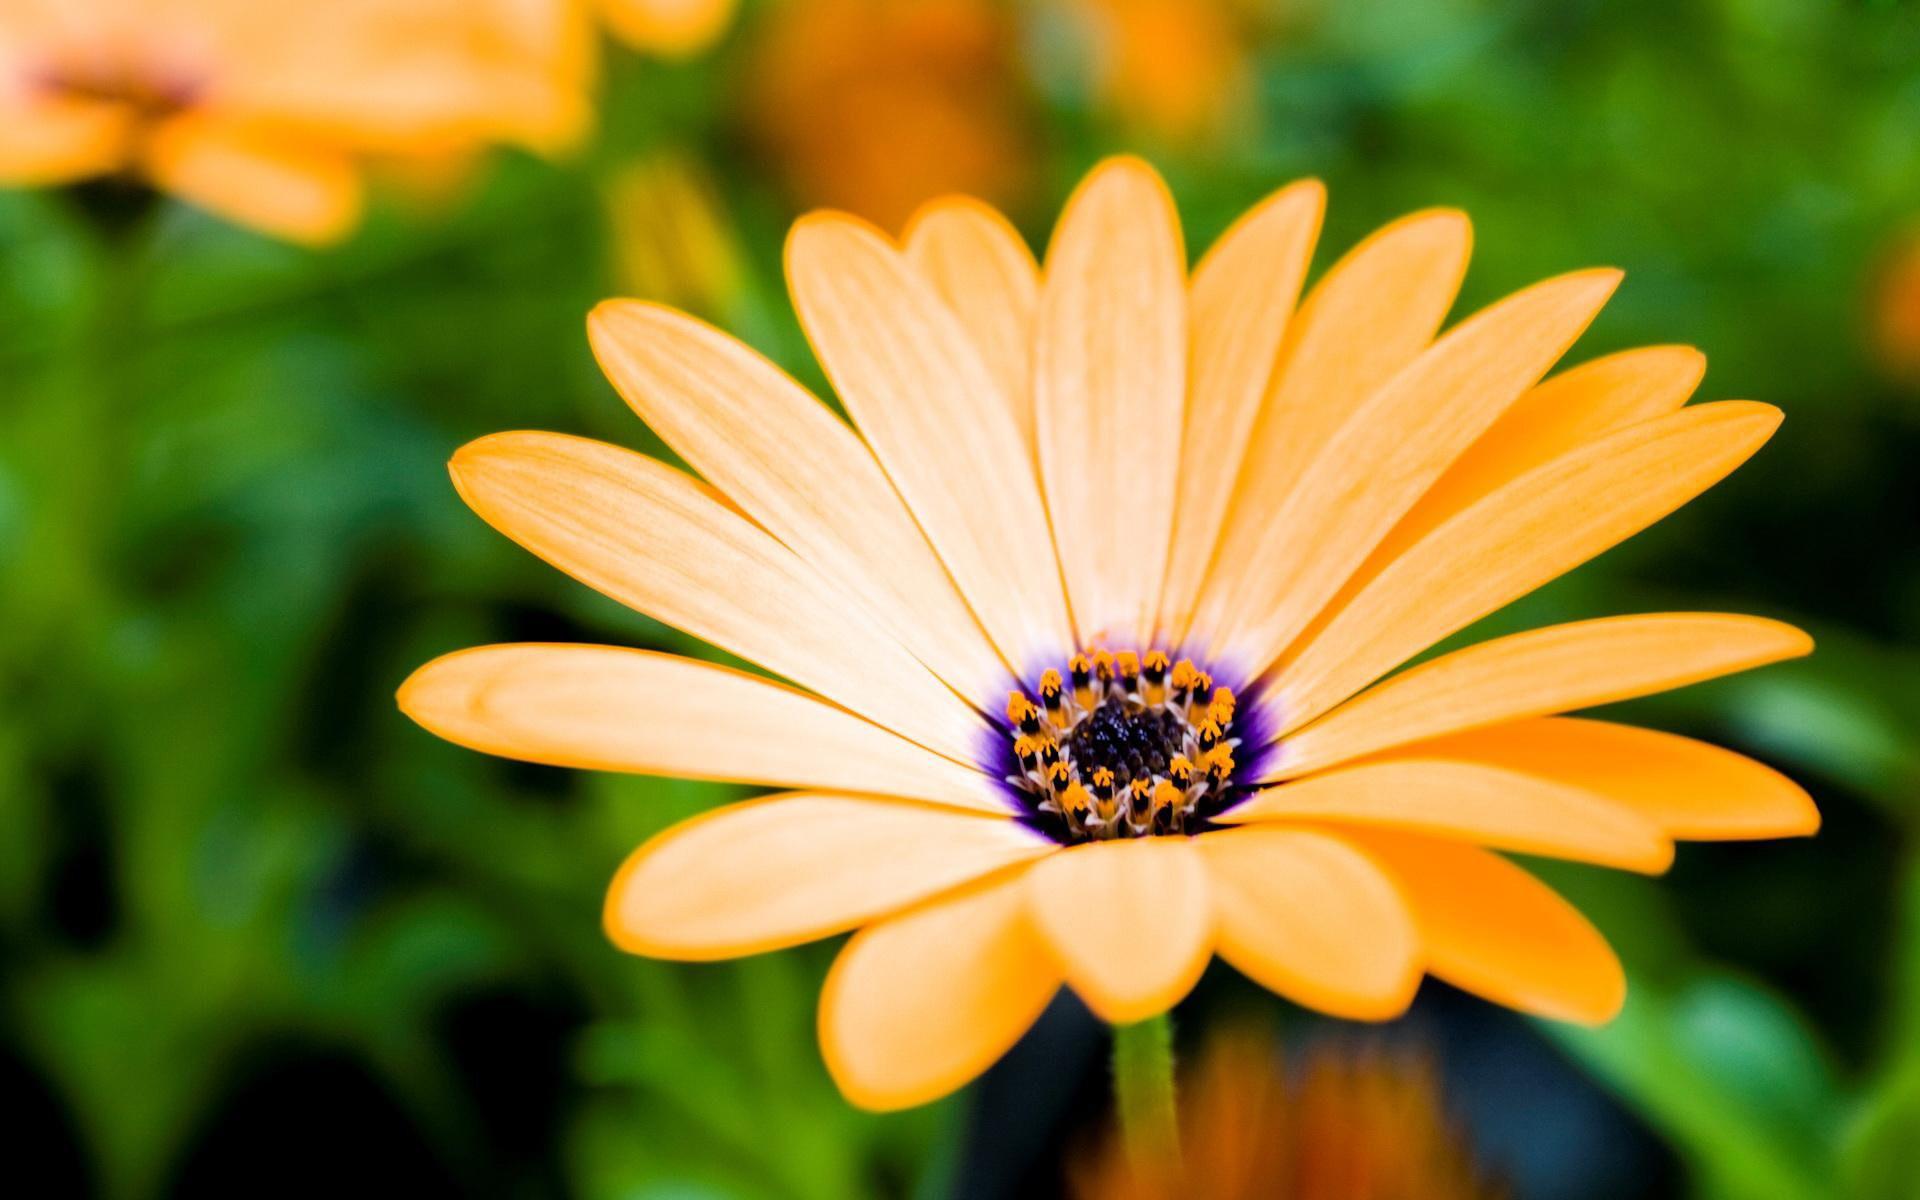 Flower wallpaper computer backgrounds.